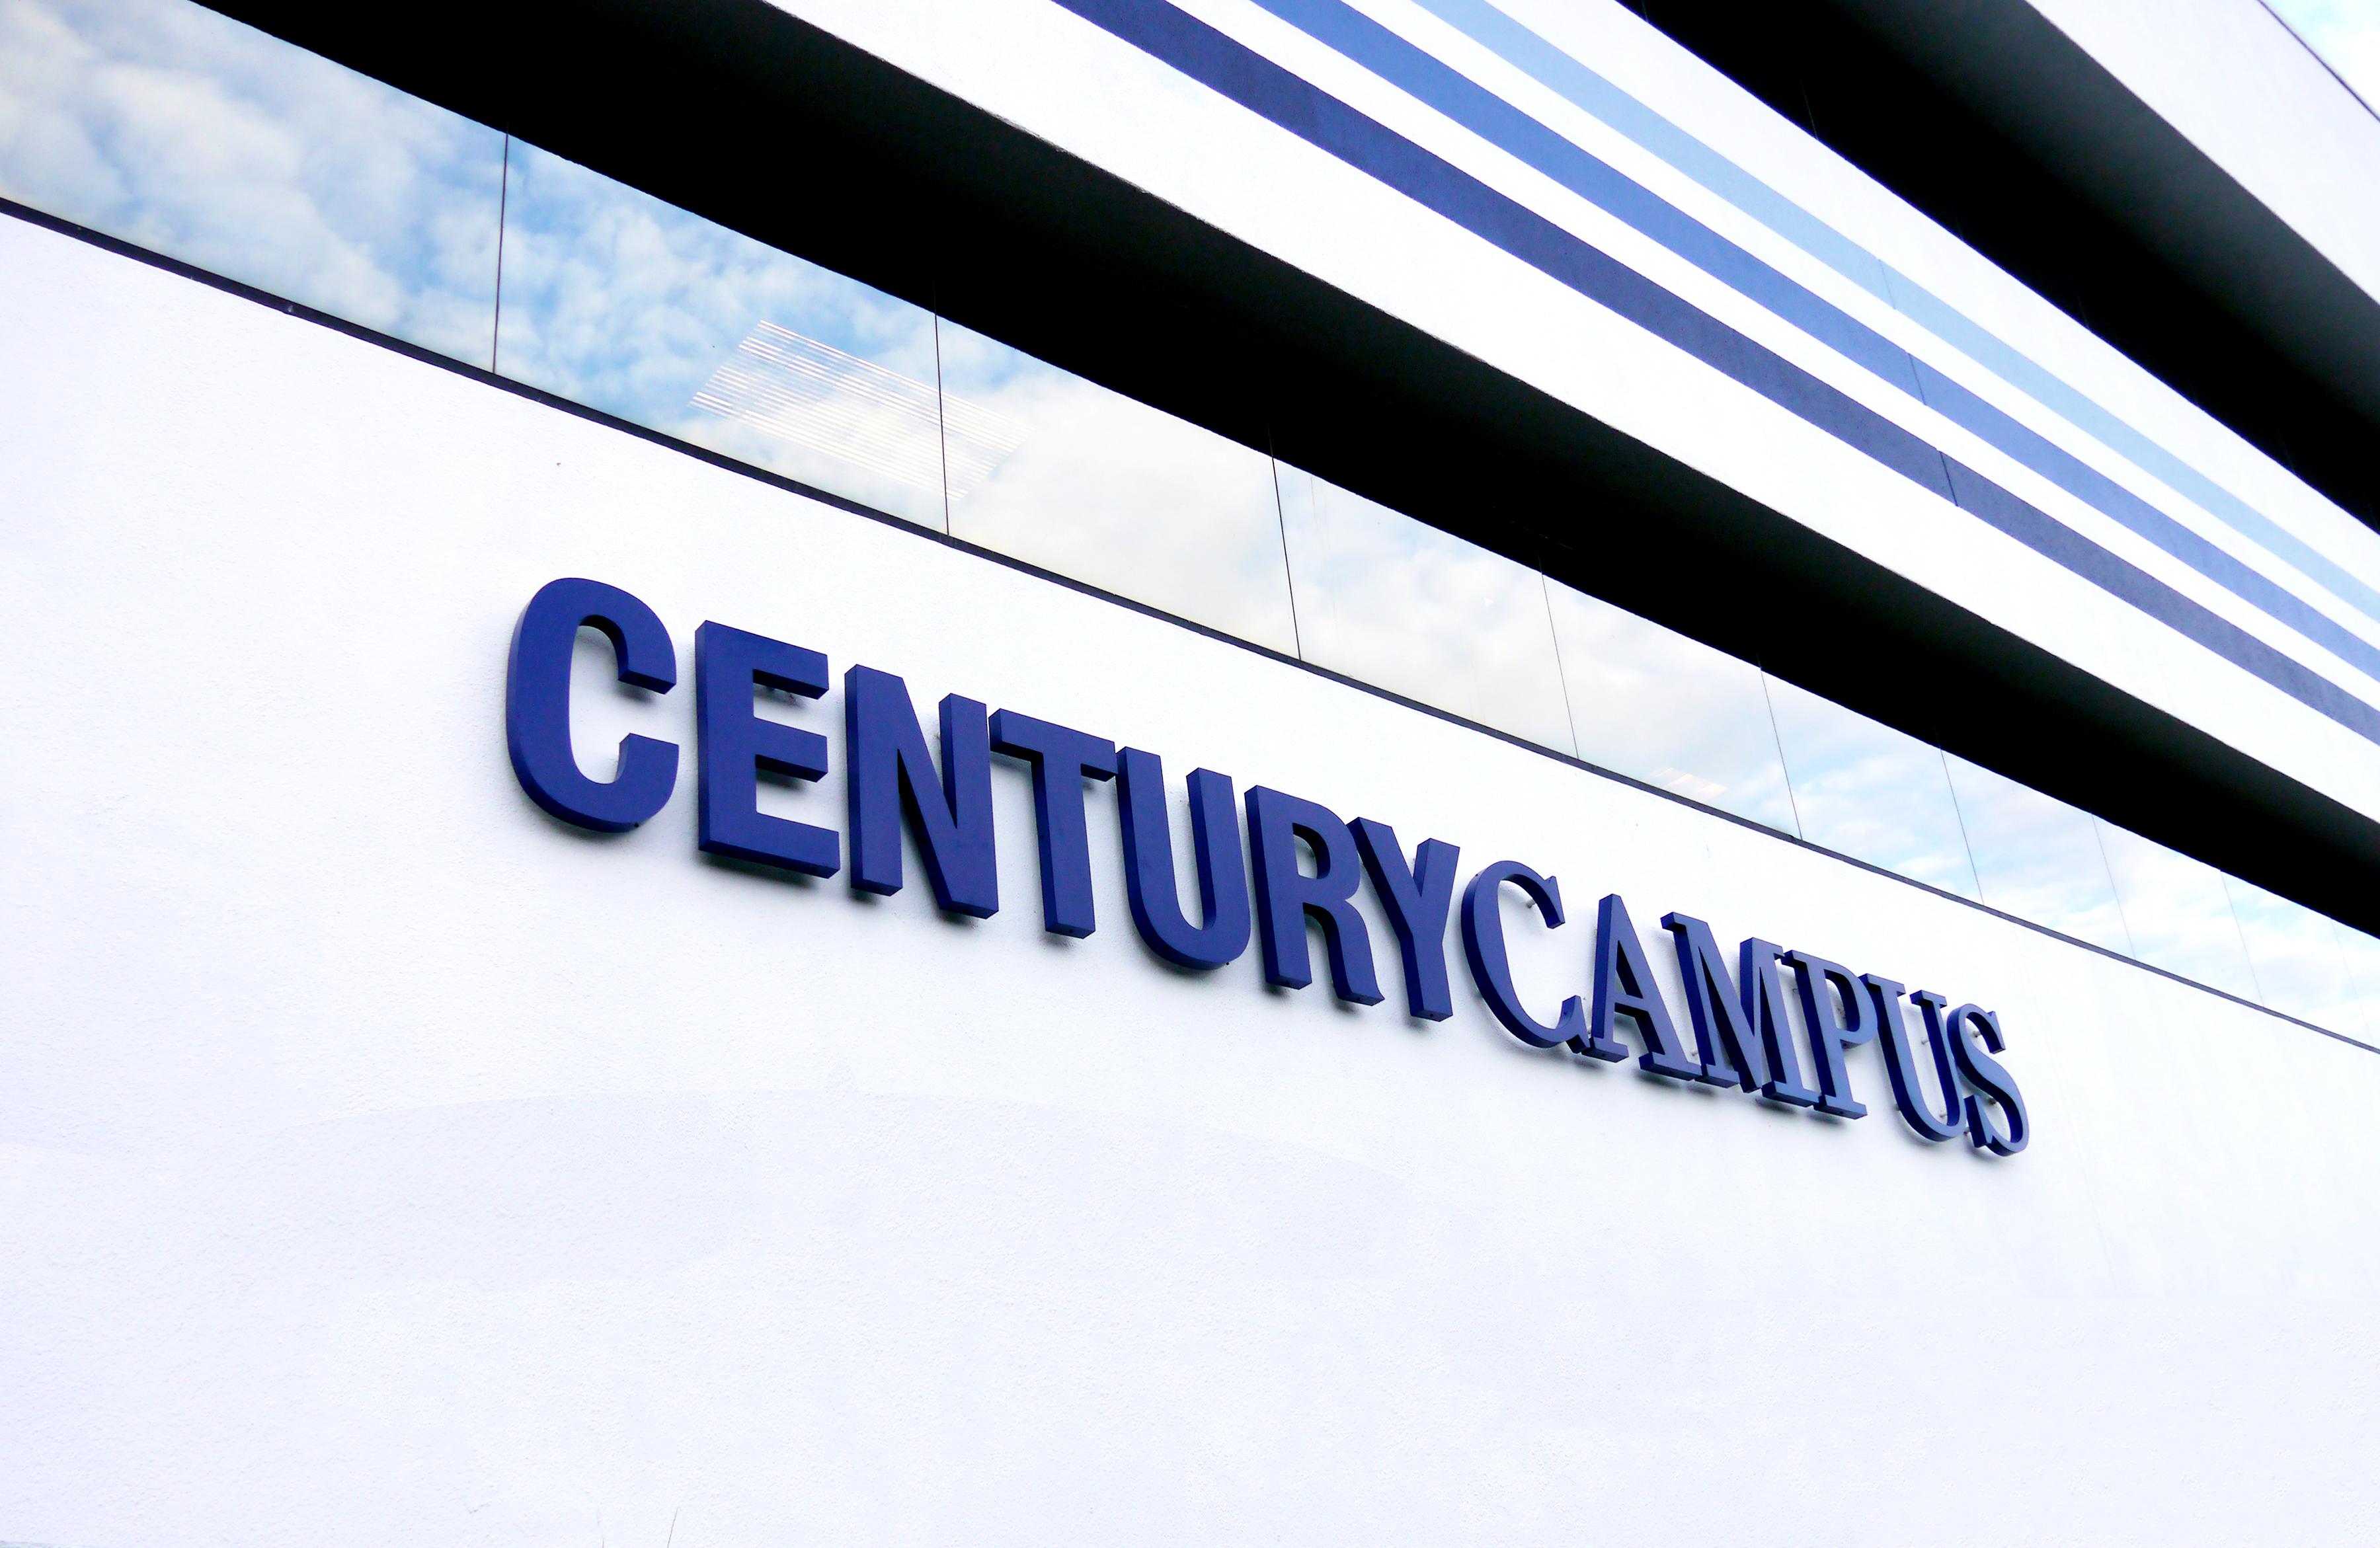 CenturyCampus_01